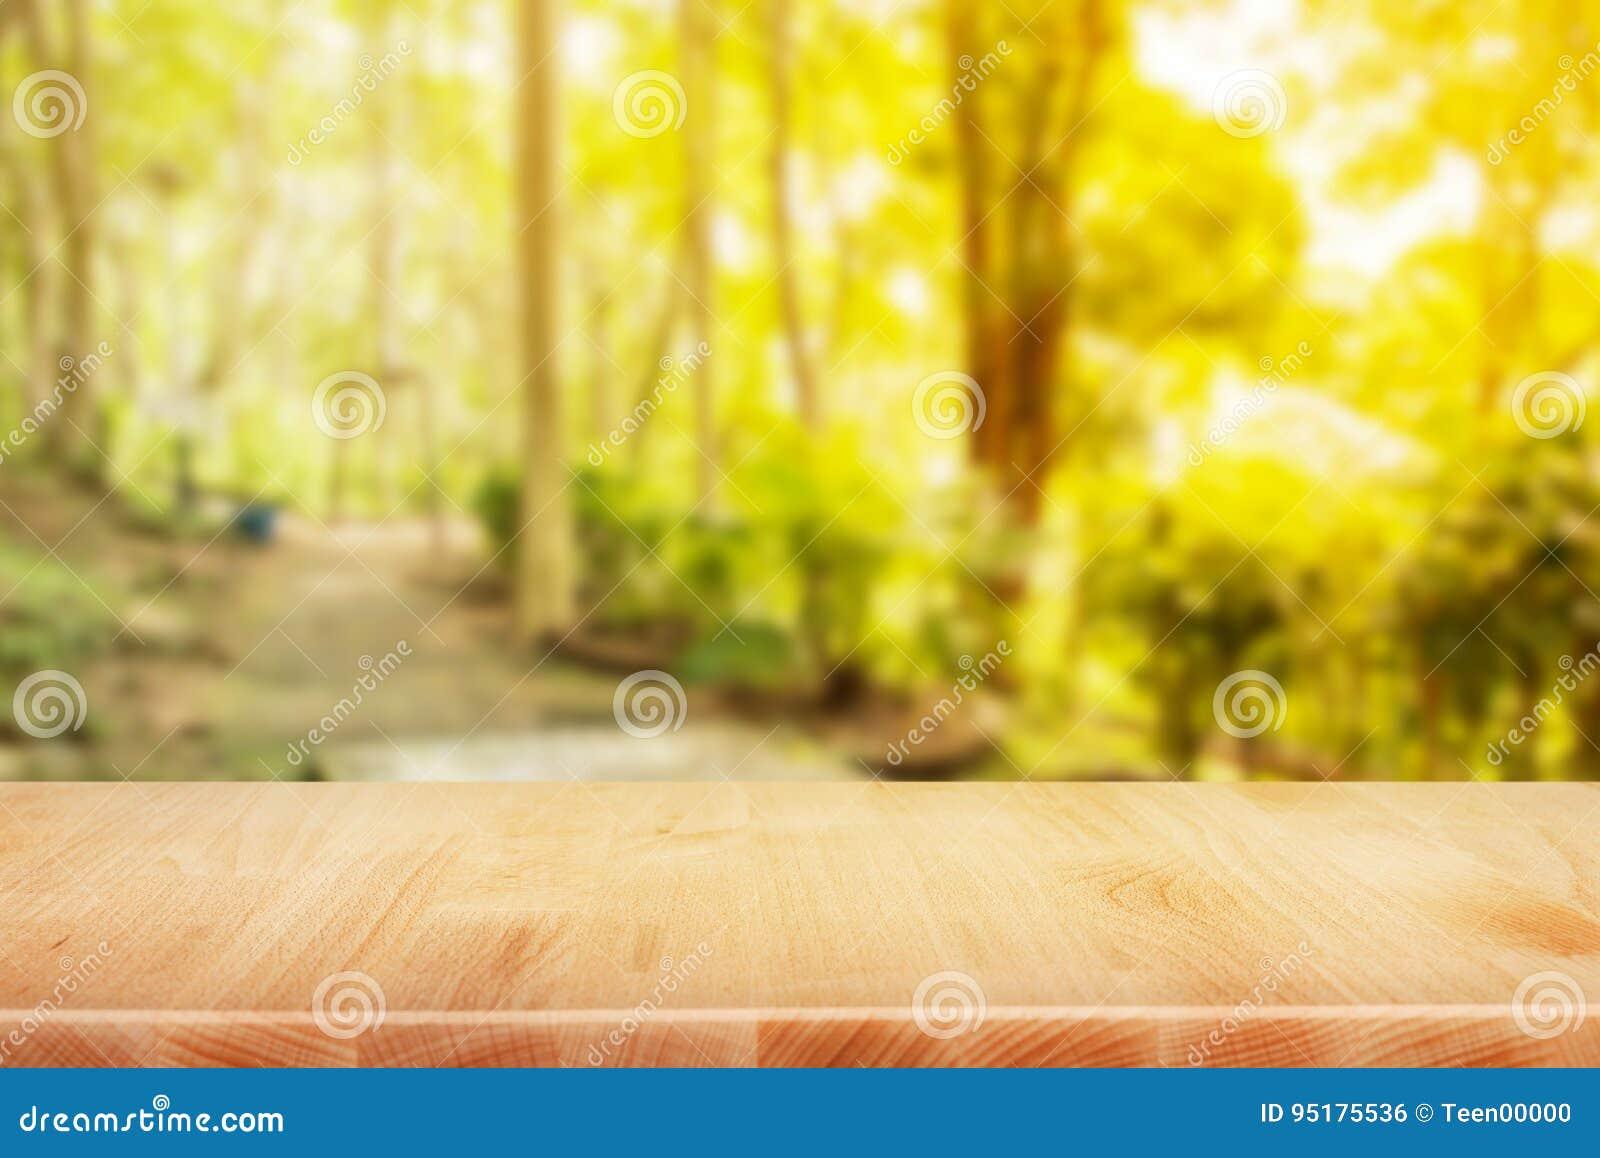 Le bureau en bois de dessus de table à larrière plan de matin de